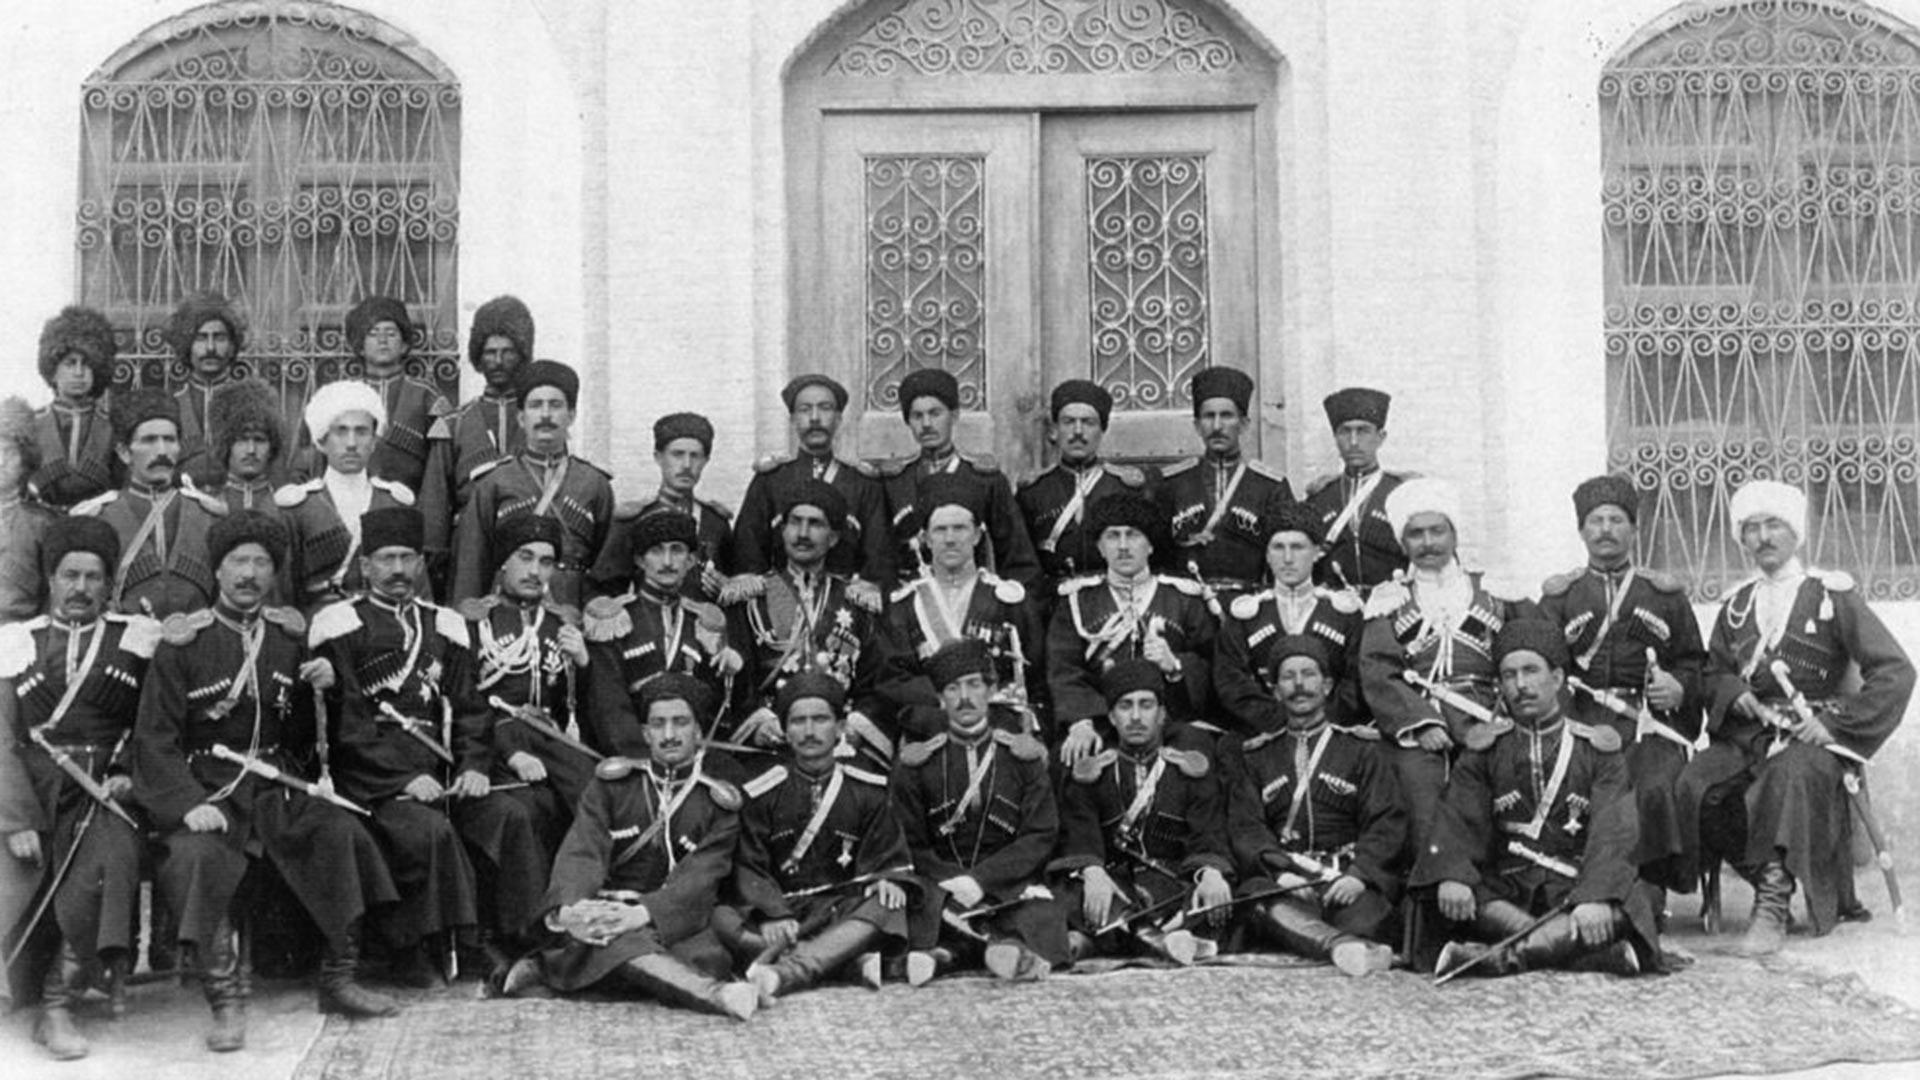 La brigade cosaque persane